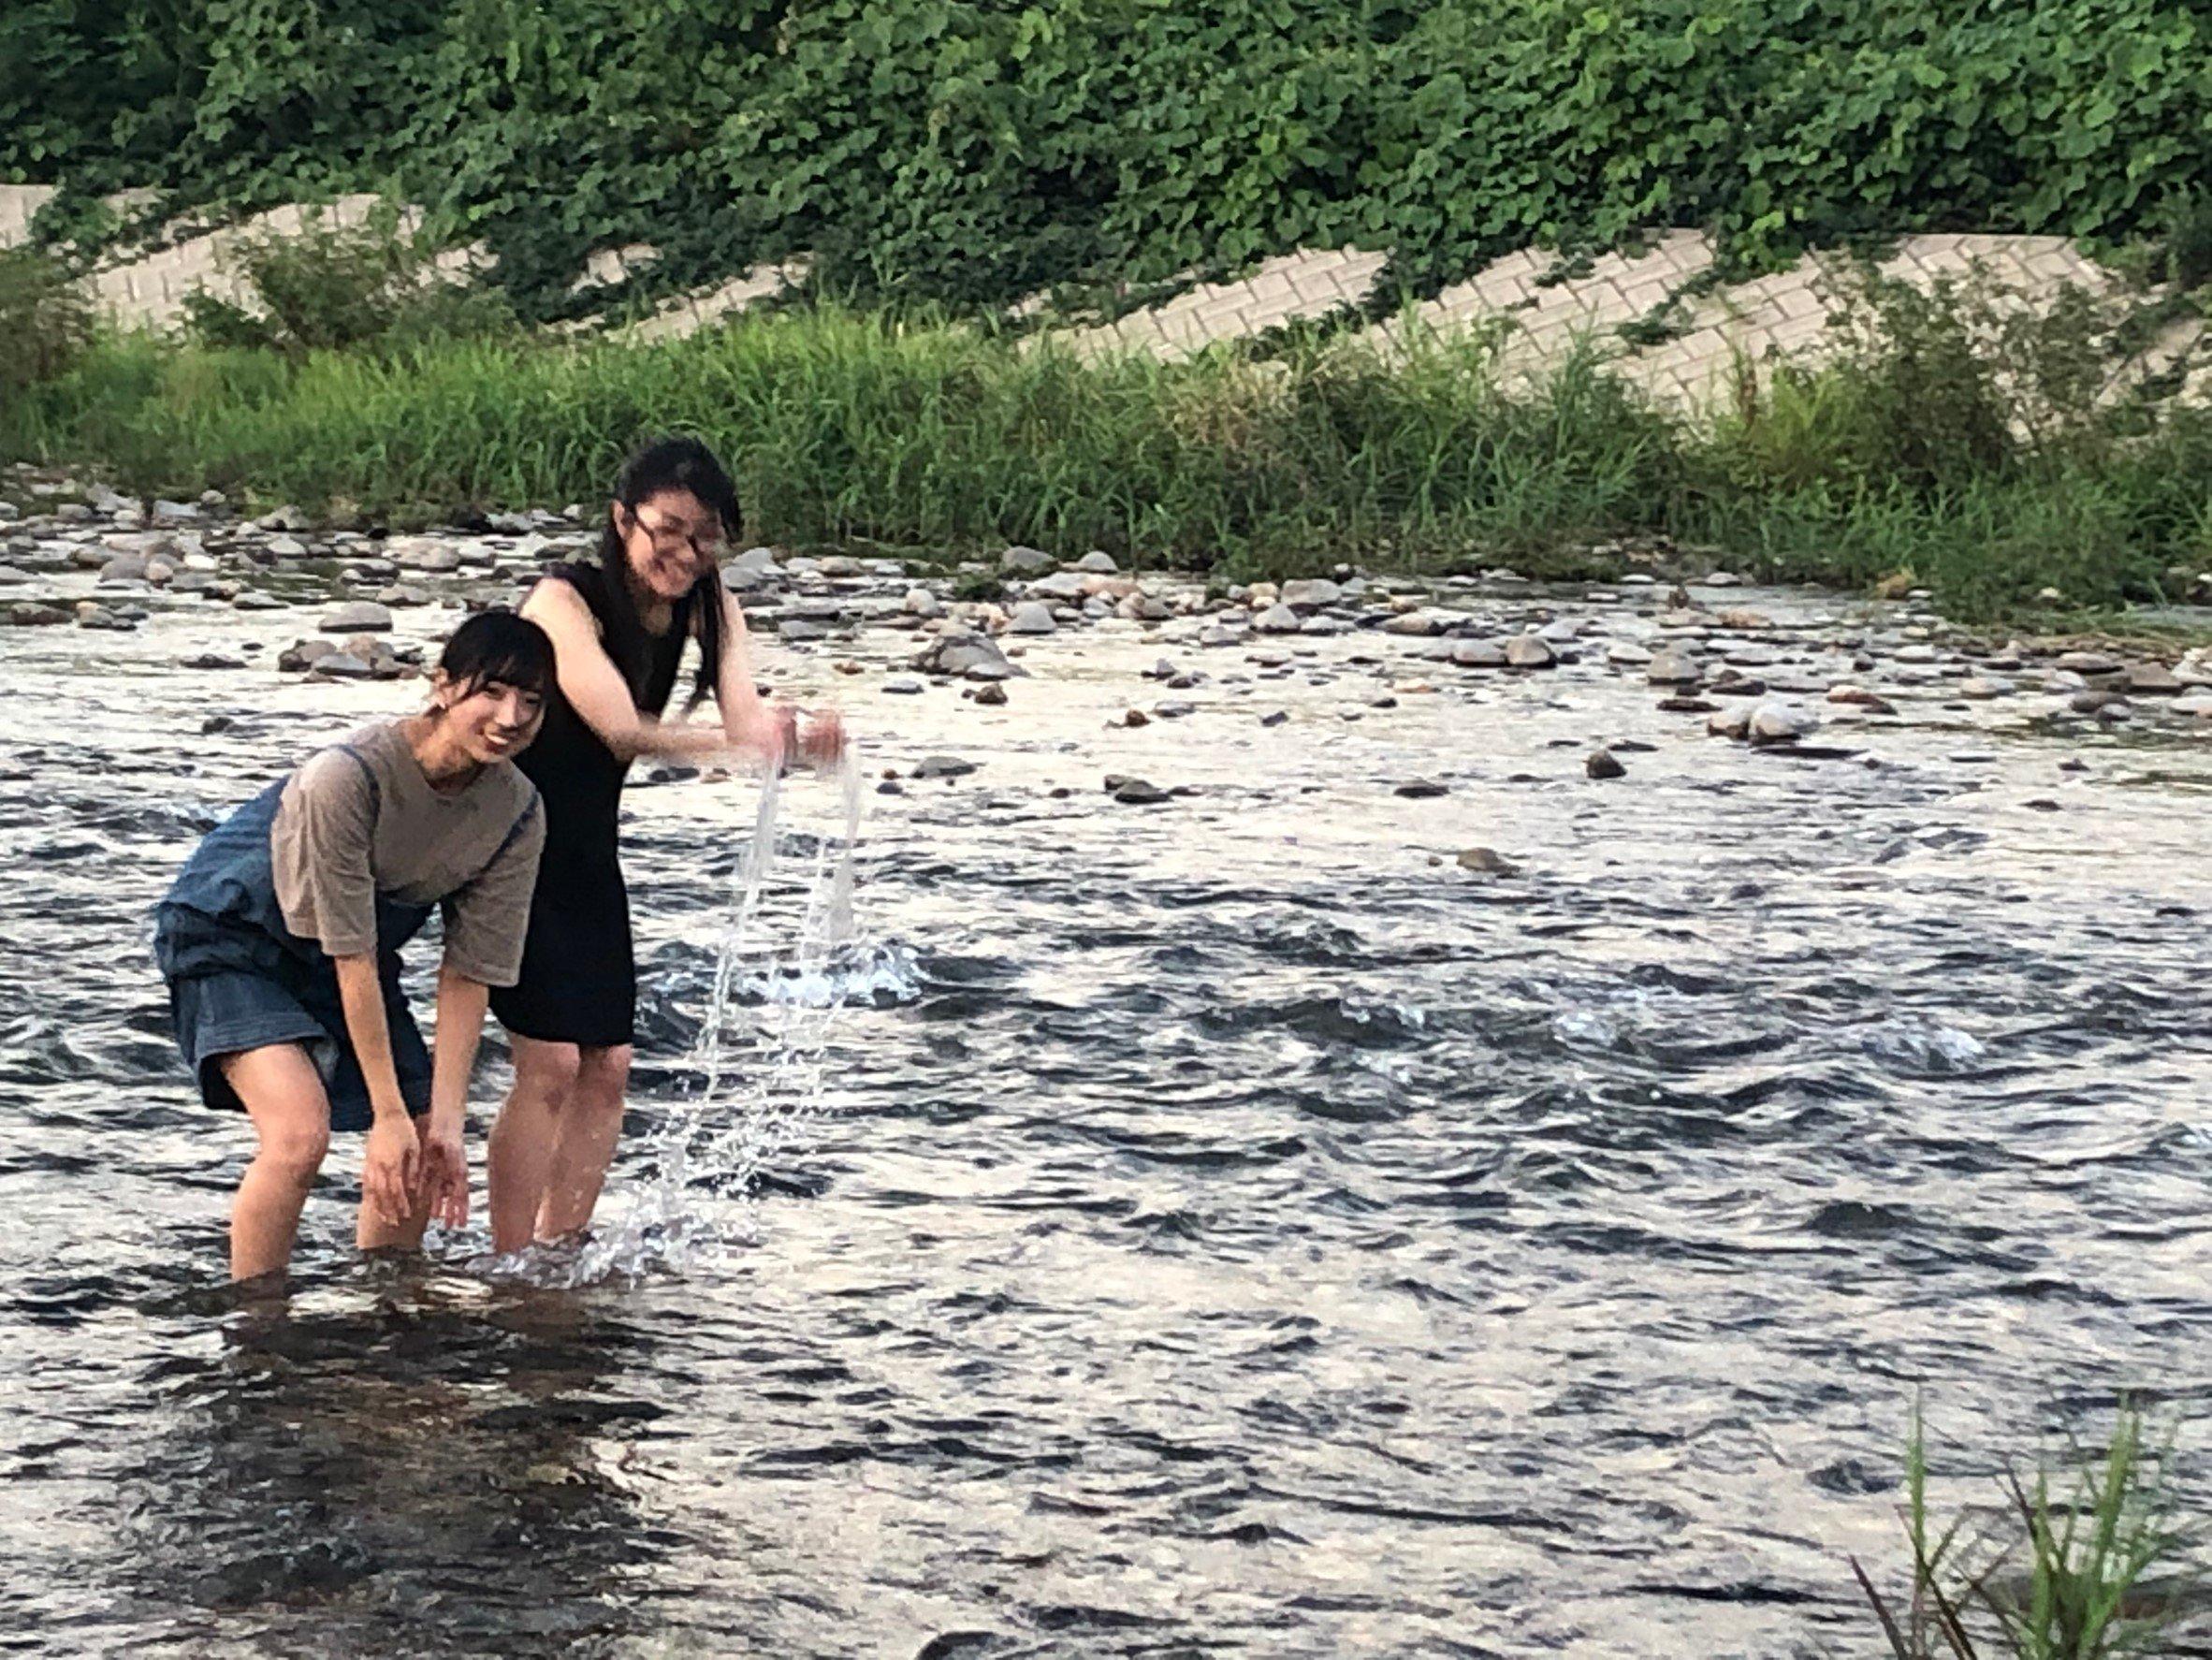 大学の横を流れる松川で川遊び